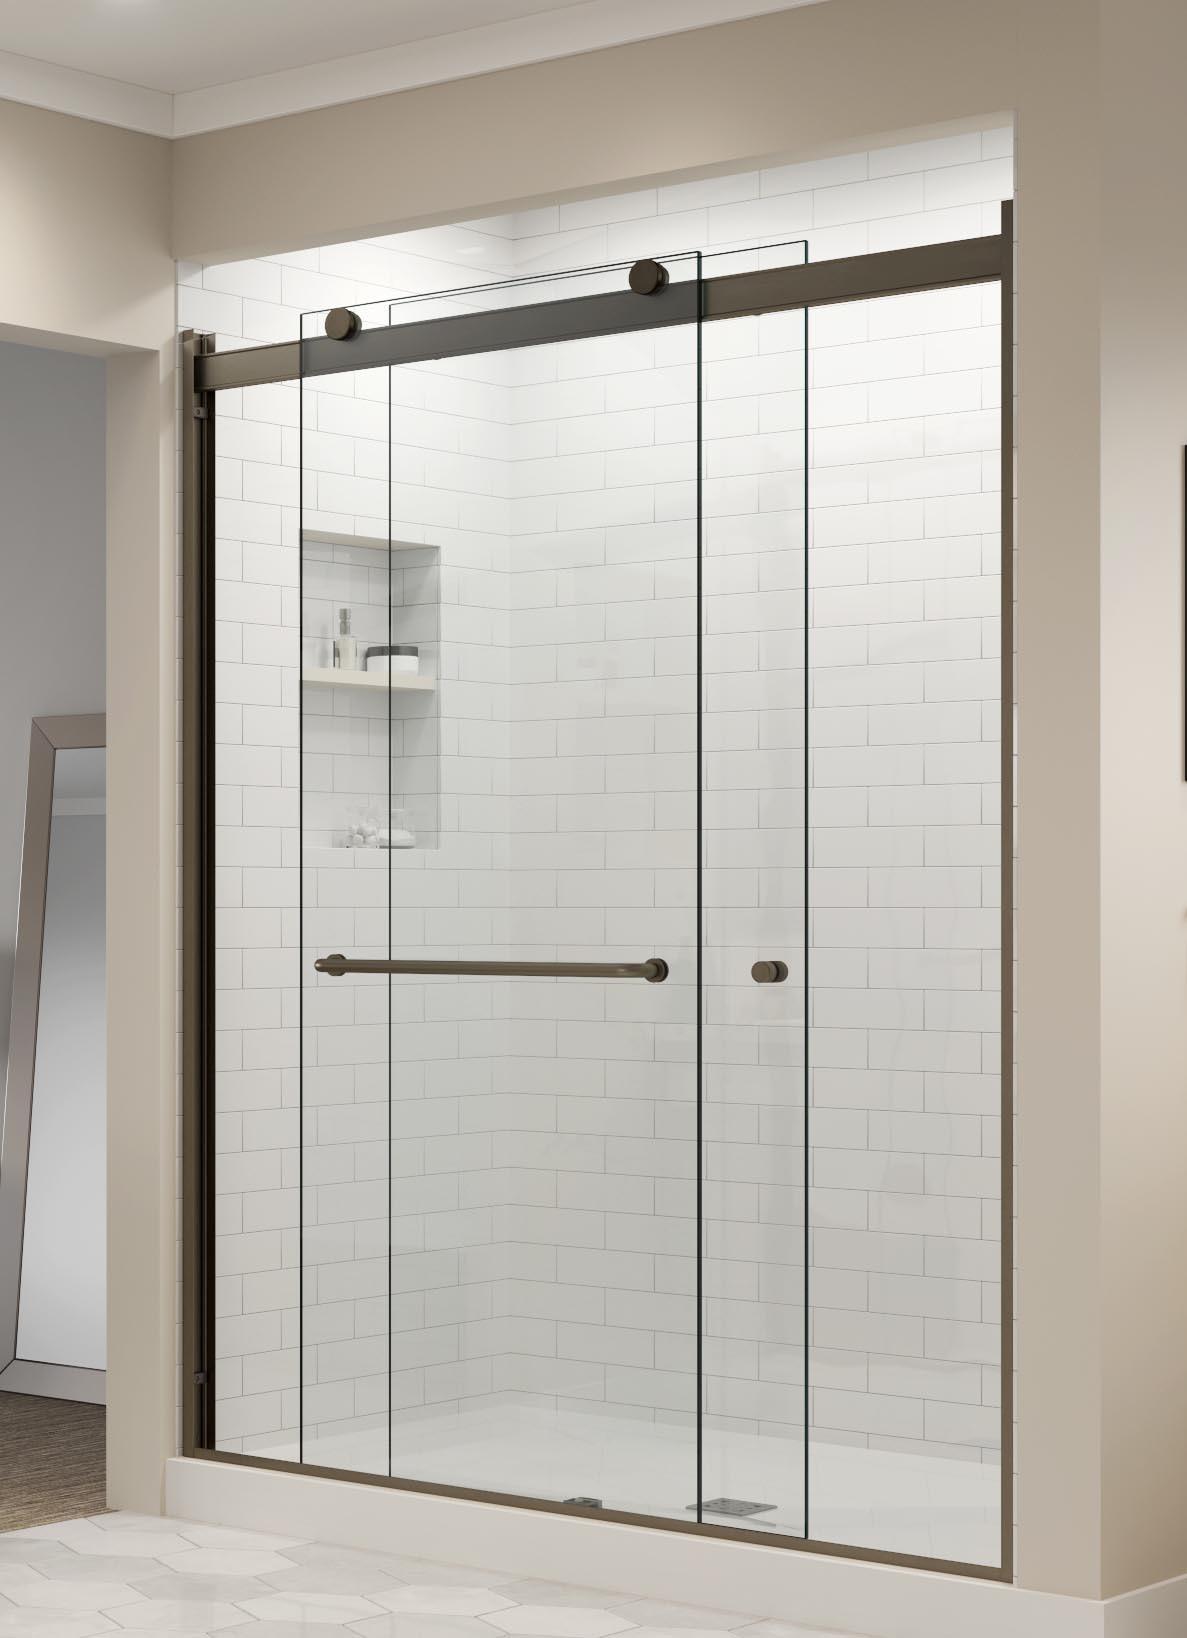 Rotolo Semi Frameless 3 8 Inch Glass Sliding Basco Shower